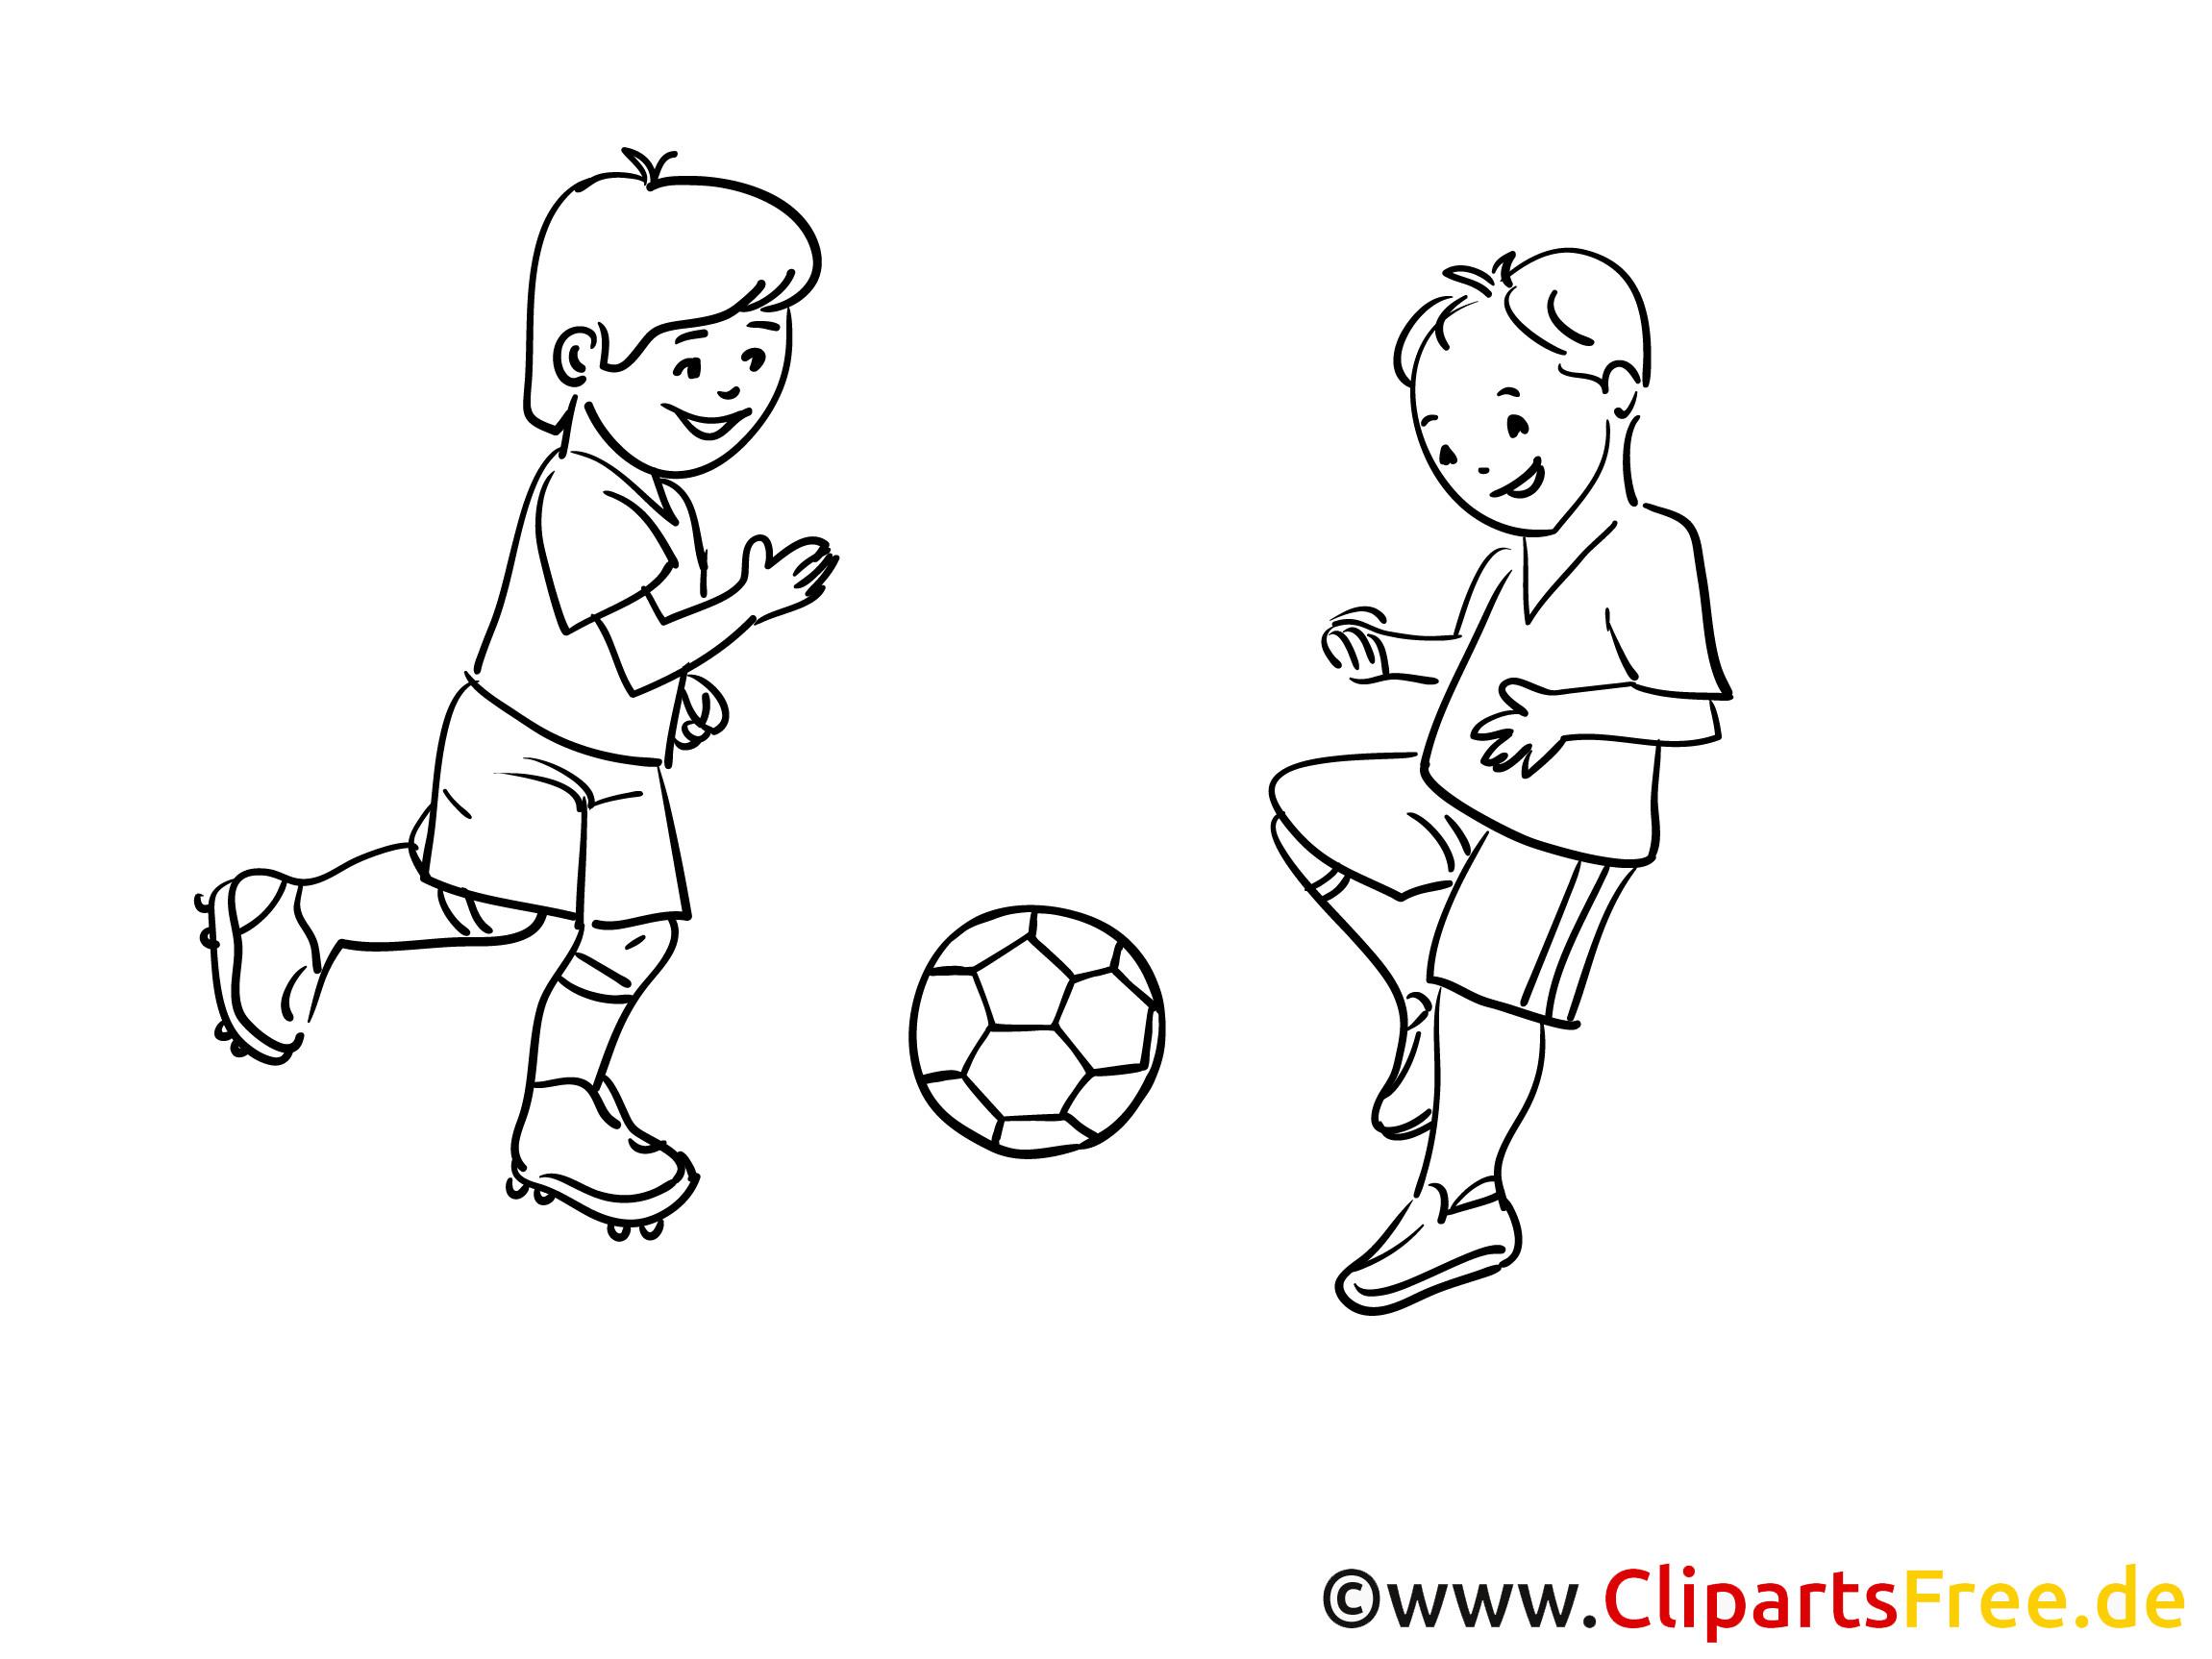 Malvorlagen Fußball  Kinder spielen Fussball Malvorlage